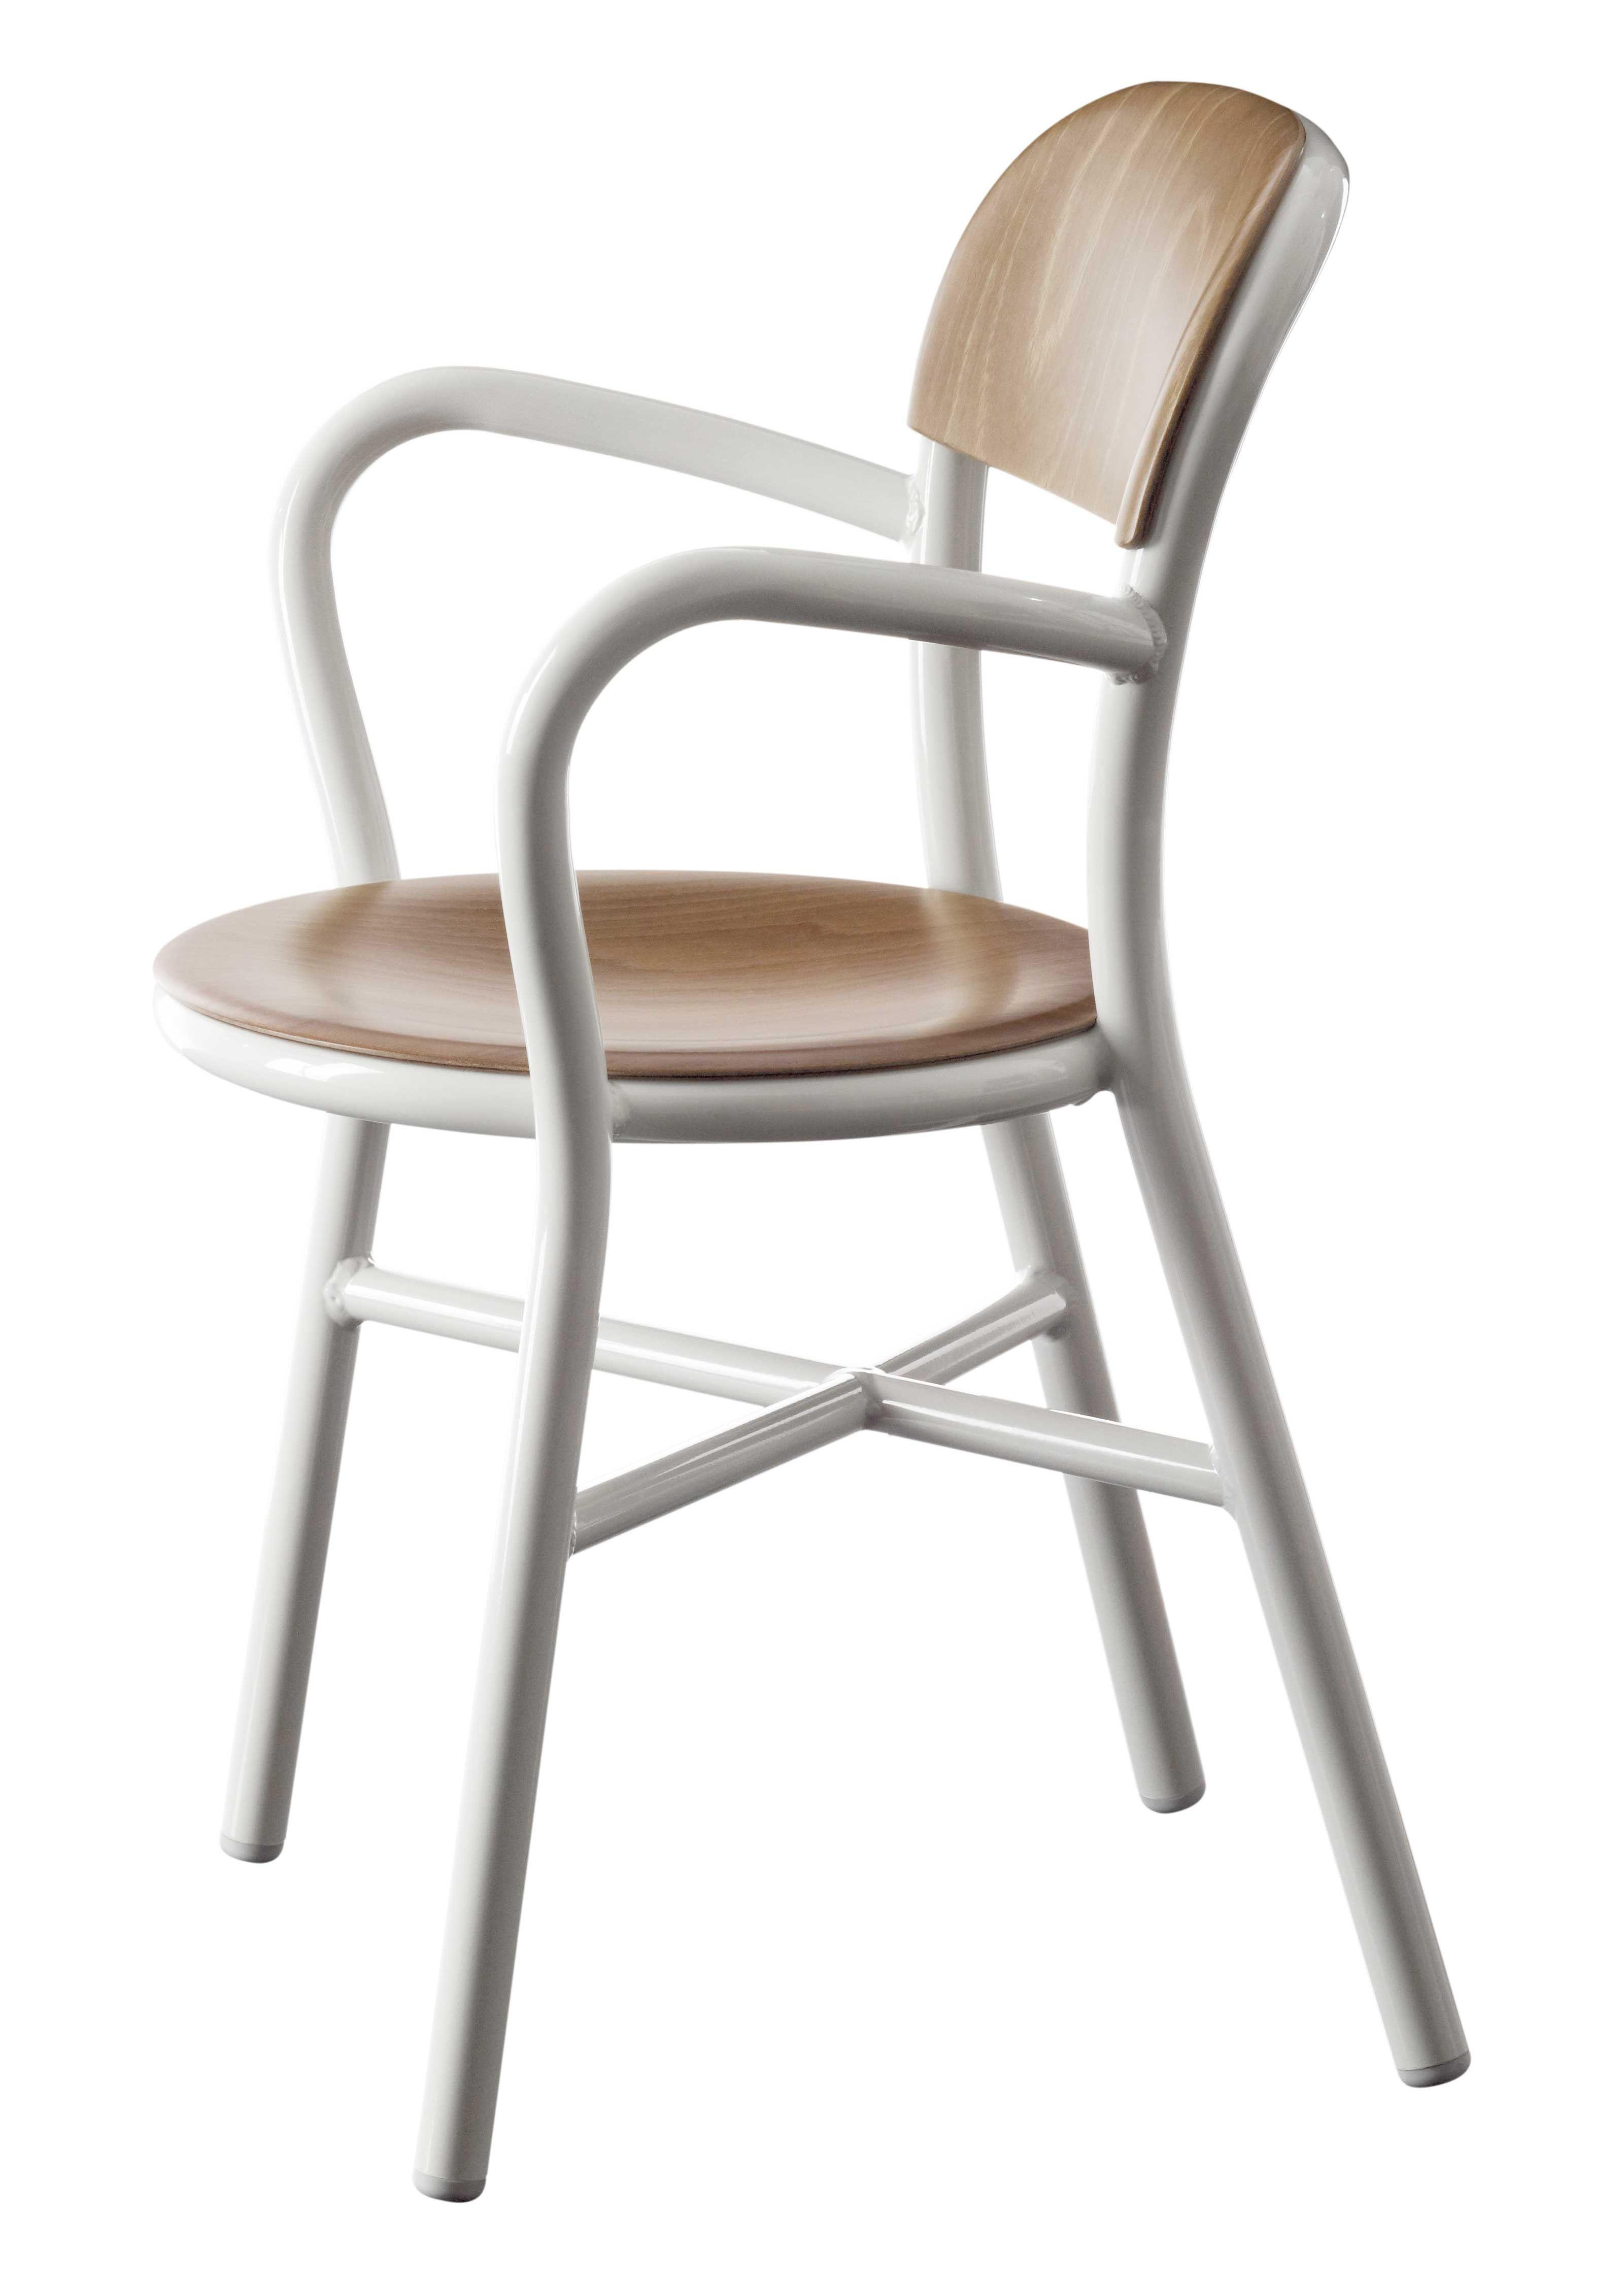 Arredamento - Sedie  - Poltrona impilabile Pipe - Versione legno di Magis - Bianco / Faggio naturale - alluminio verniciato, Multistrato di faggio